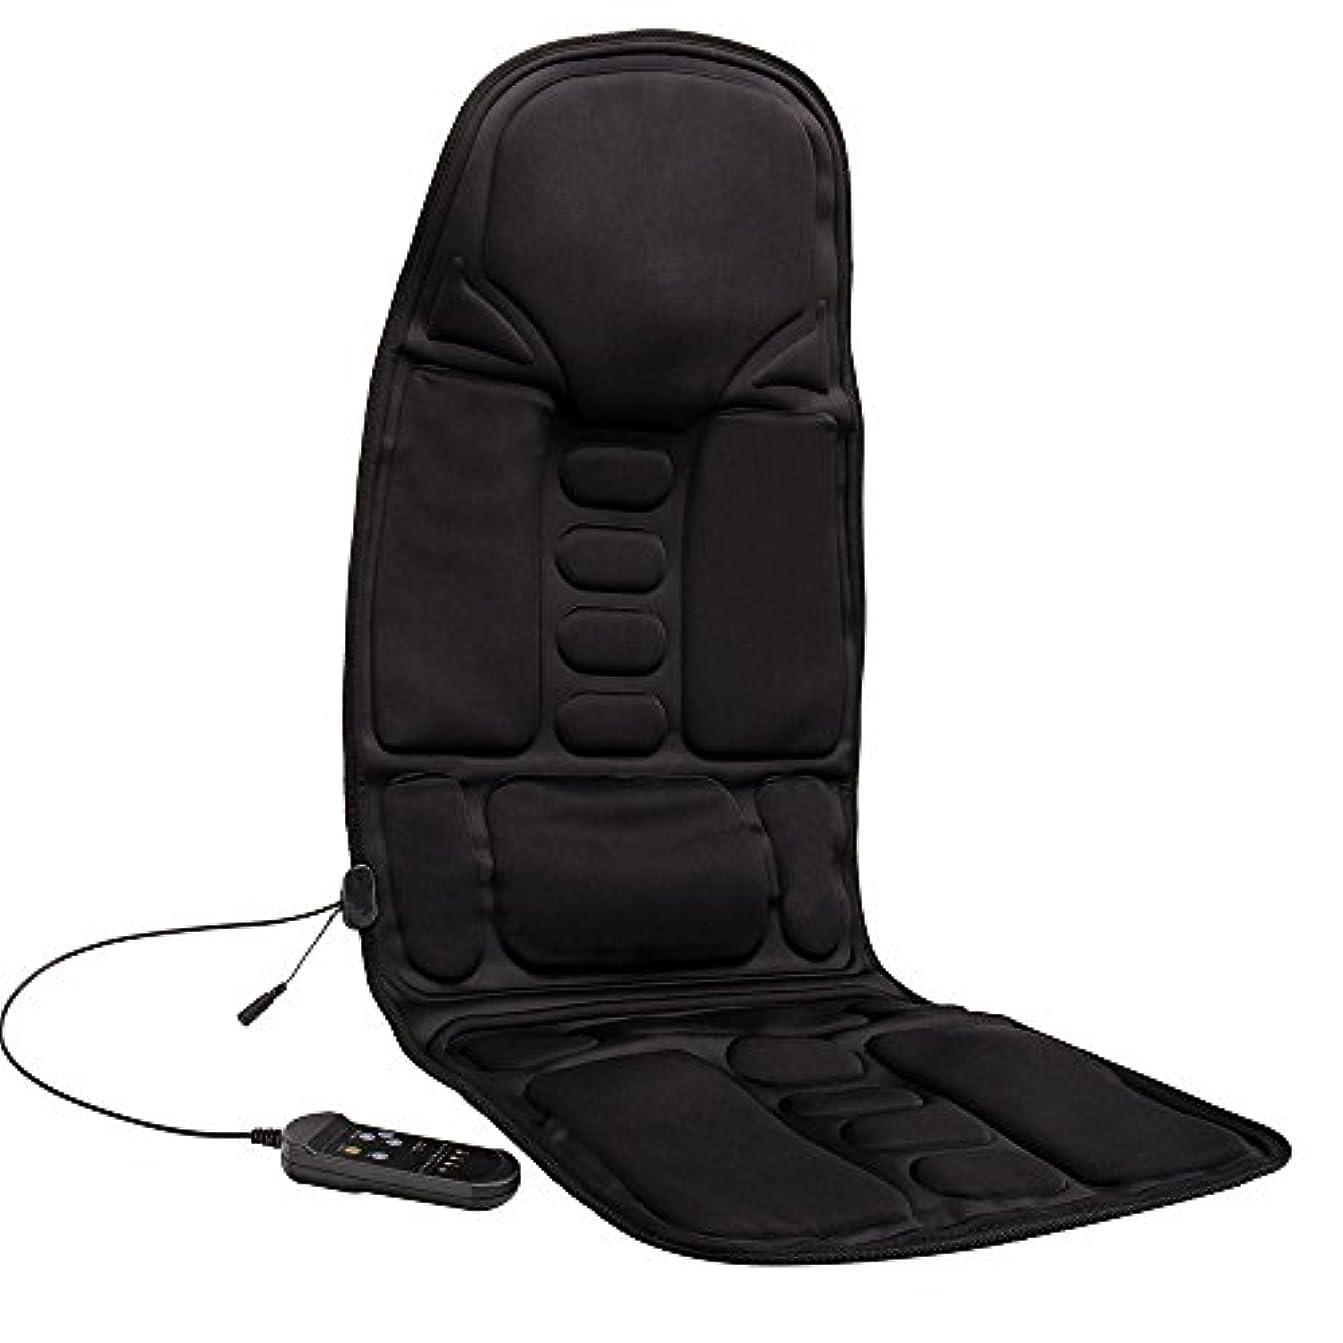 Kindness マッサージシート ヒーター搭載 高品質PUレザー製 どこでもマッサージャー オフィス 旅行 ホーム 車シート ギフト ブラック